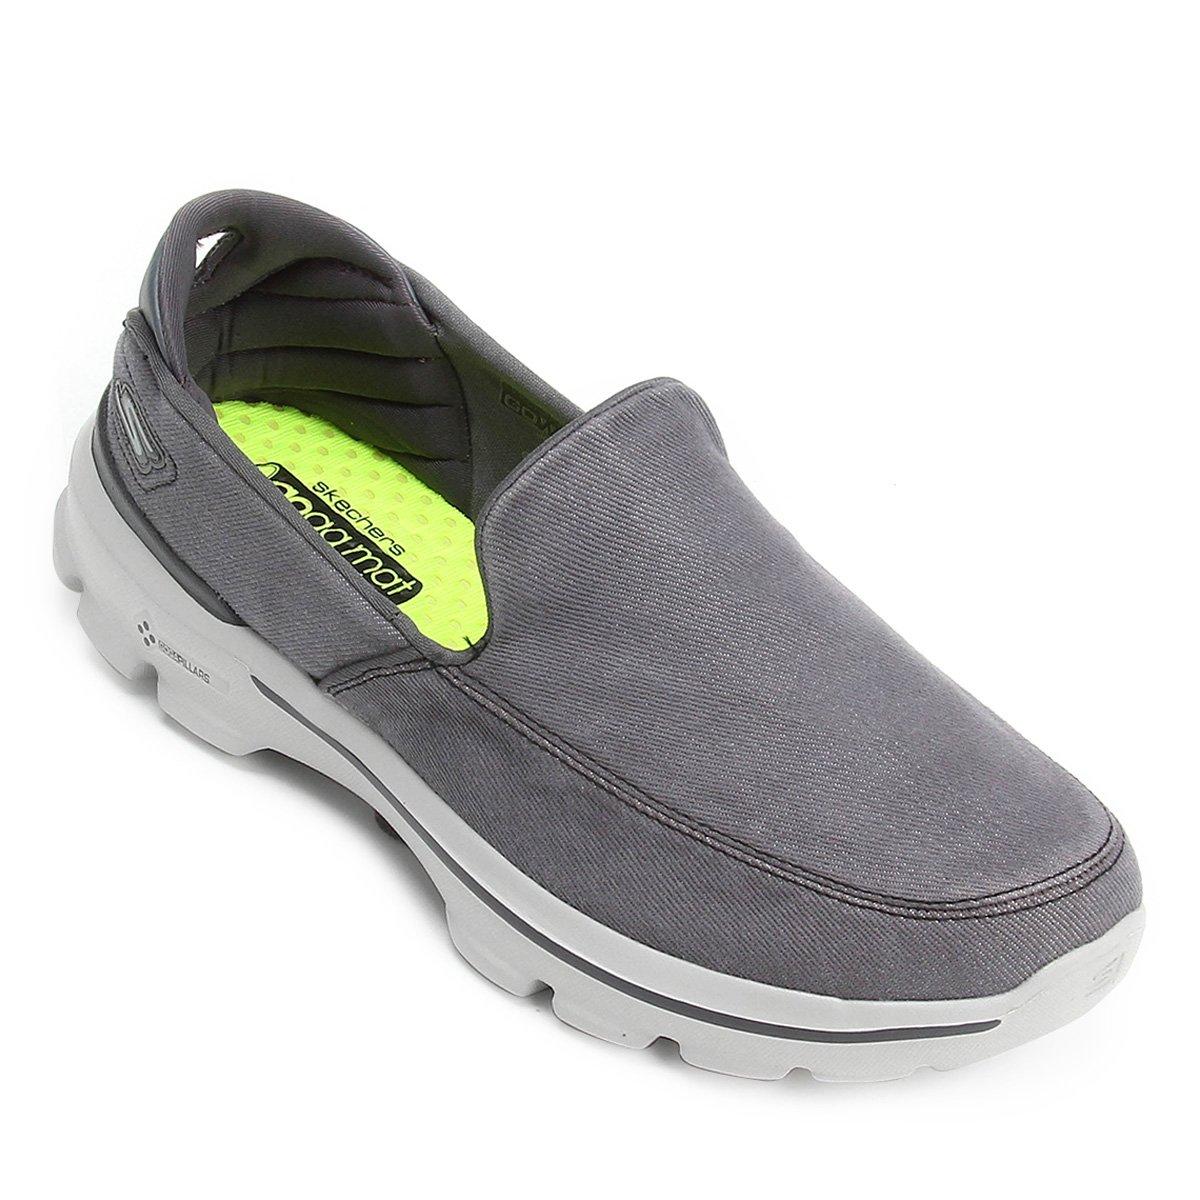 9859d30be24 Tênis Skechers Go Walk 3 Unwind Masculino - Compre Agora